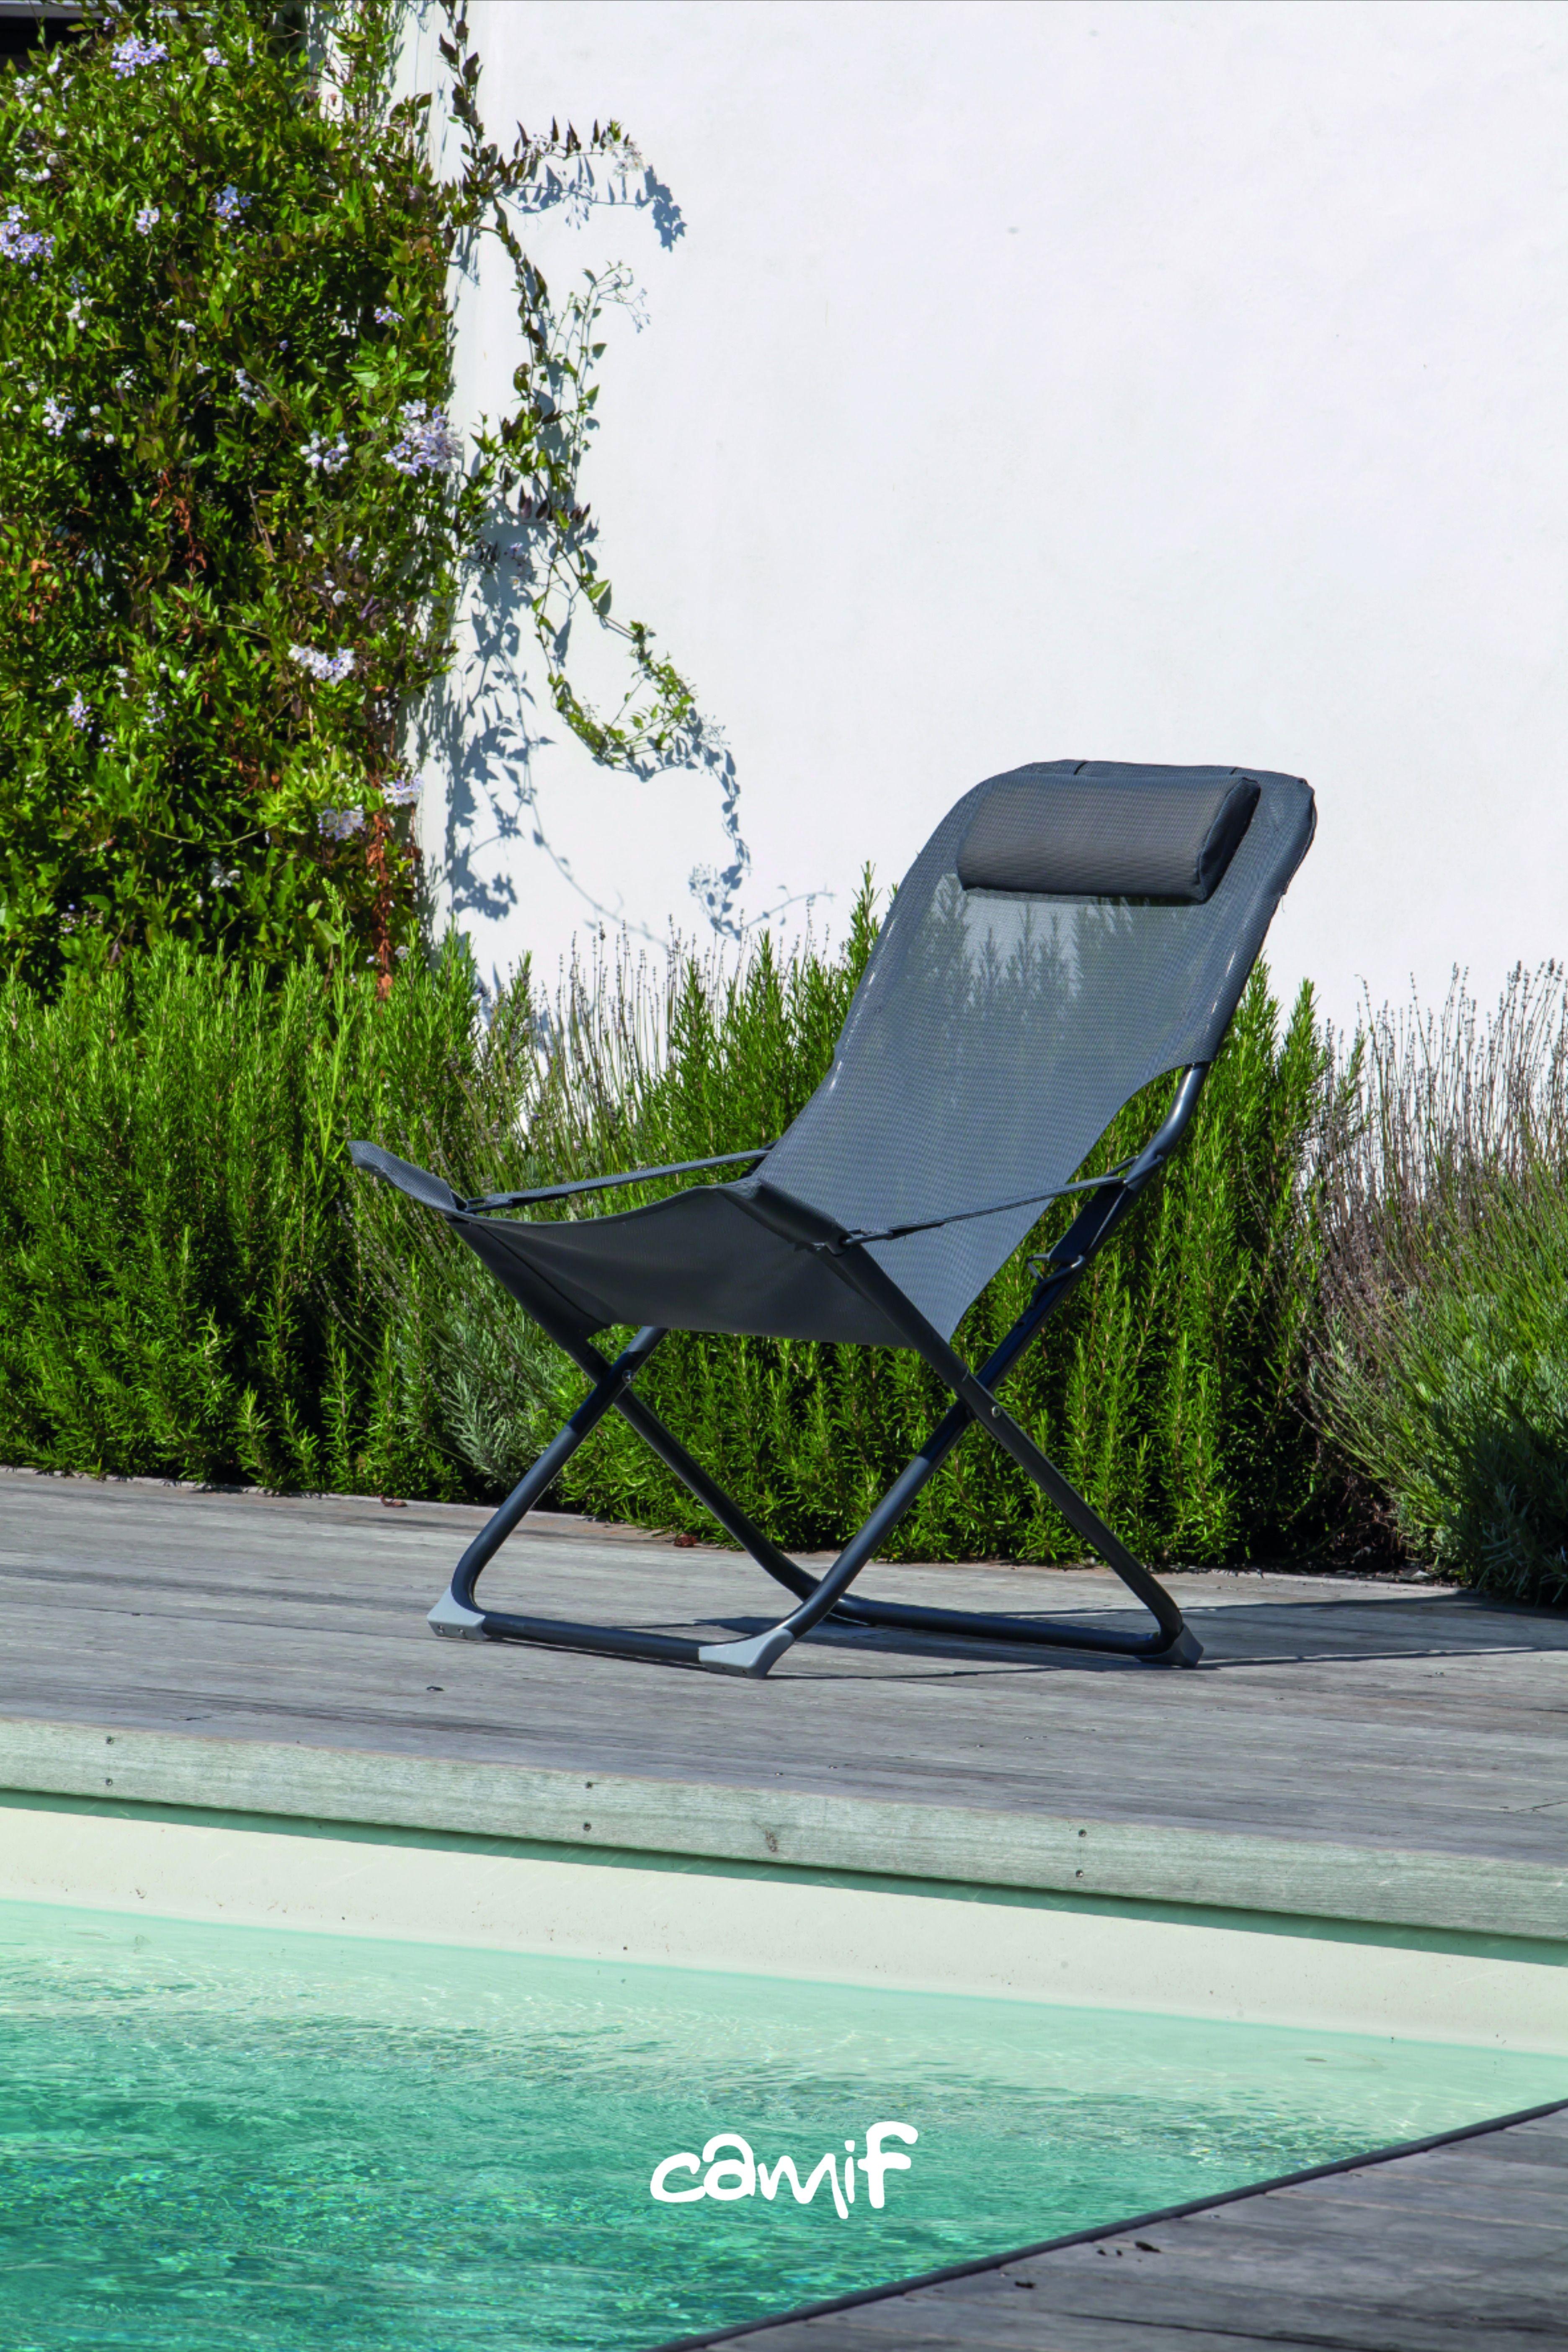 Camif Relax Exterieur En 2020 Fauteuil Relax Relax Mobilier Jardin